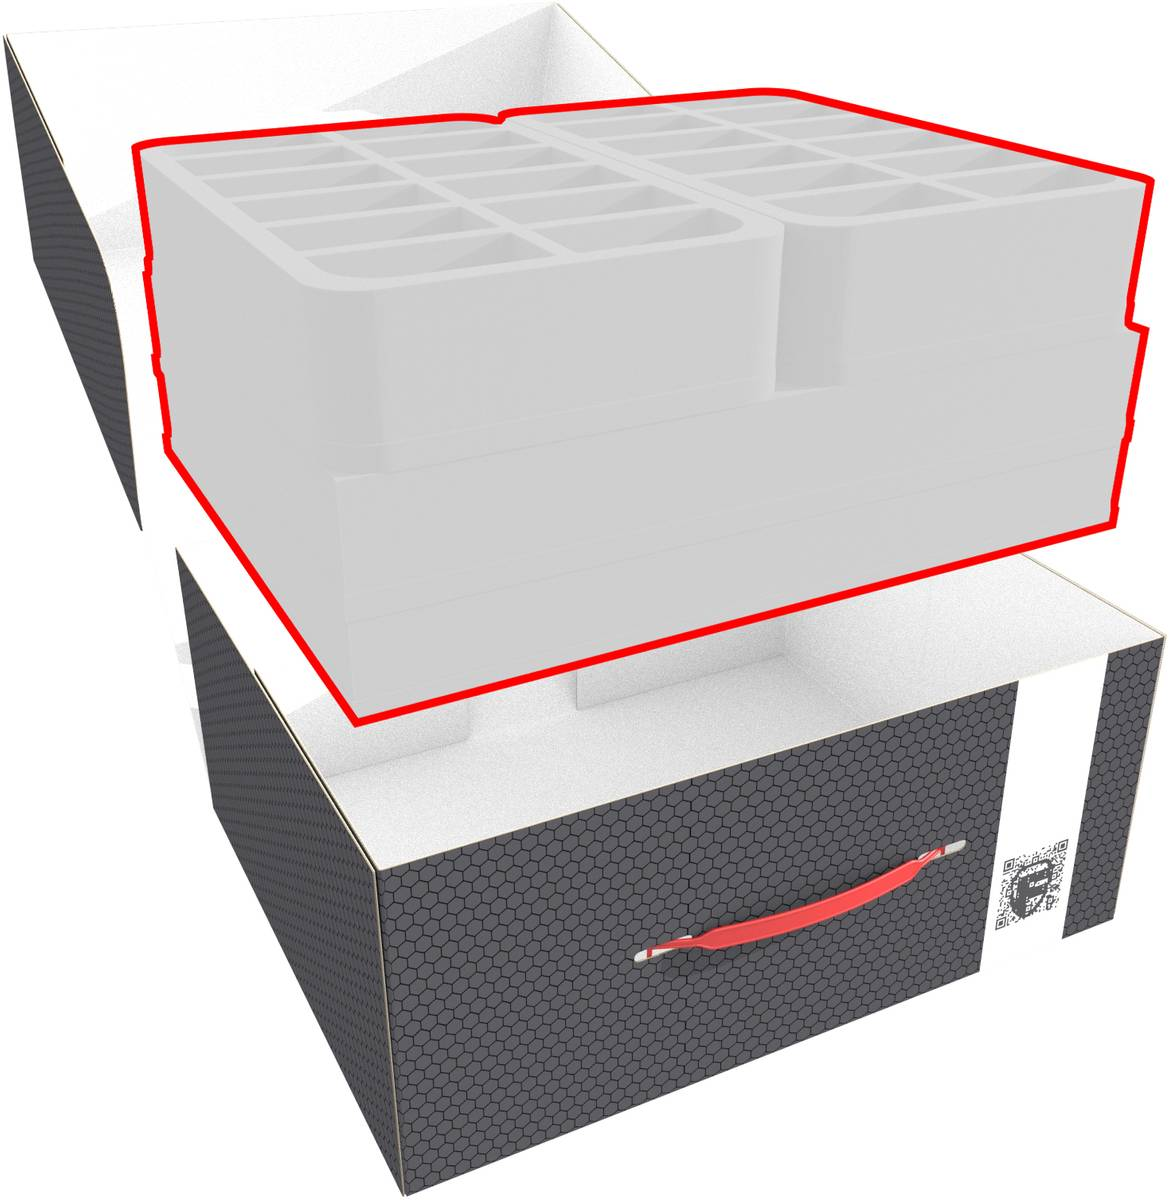 Feldherr Storage Box M custom - 150 mm Full-Size foam trays of your choice